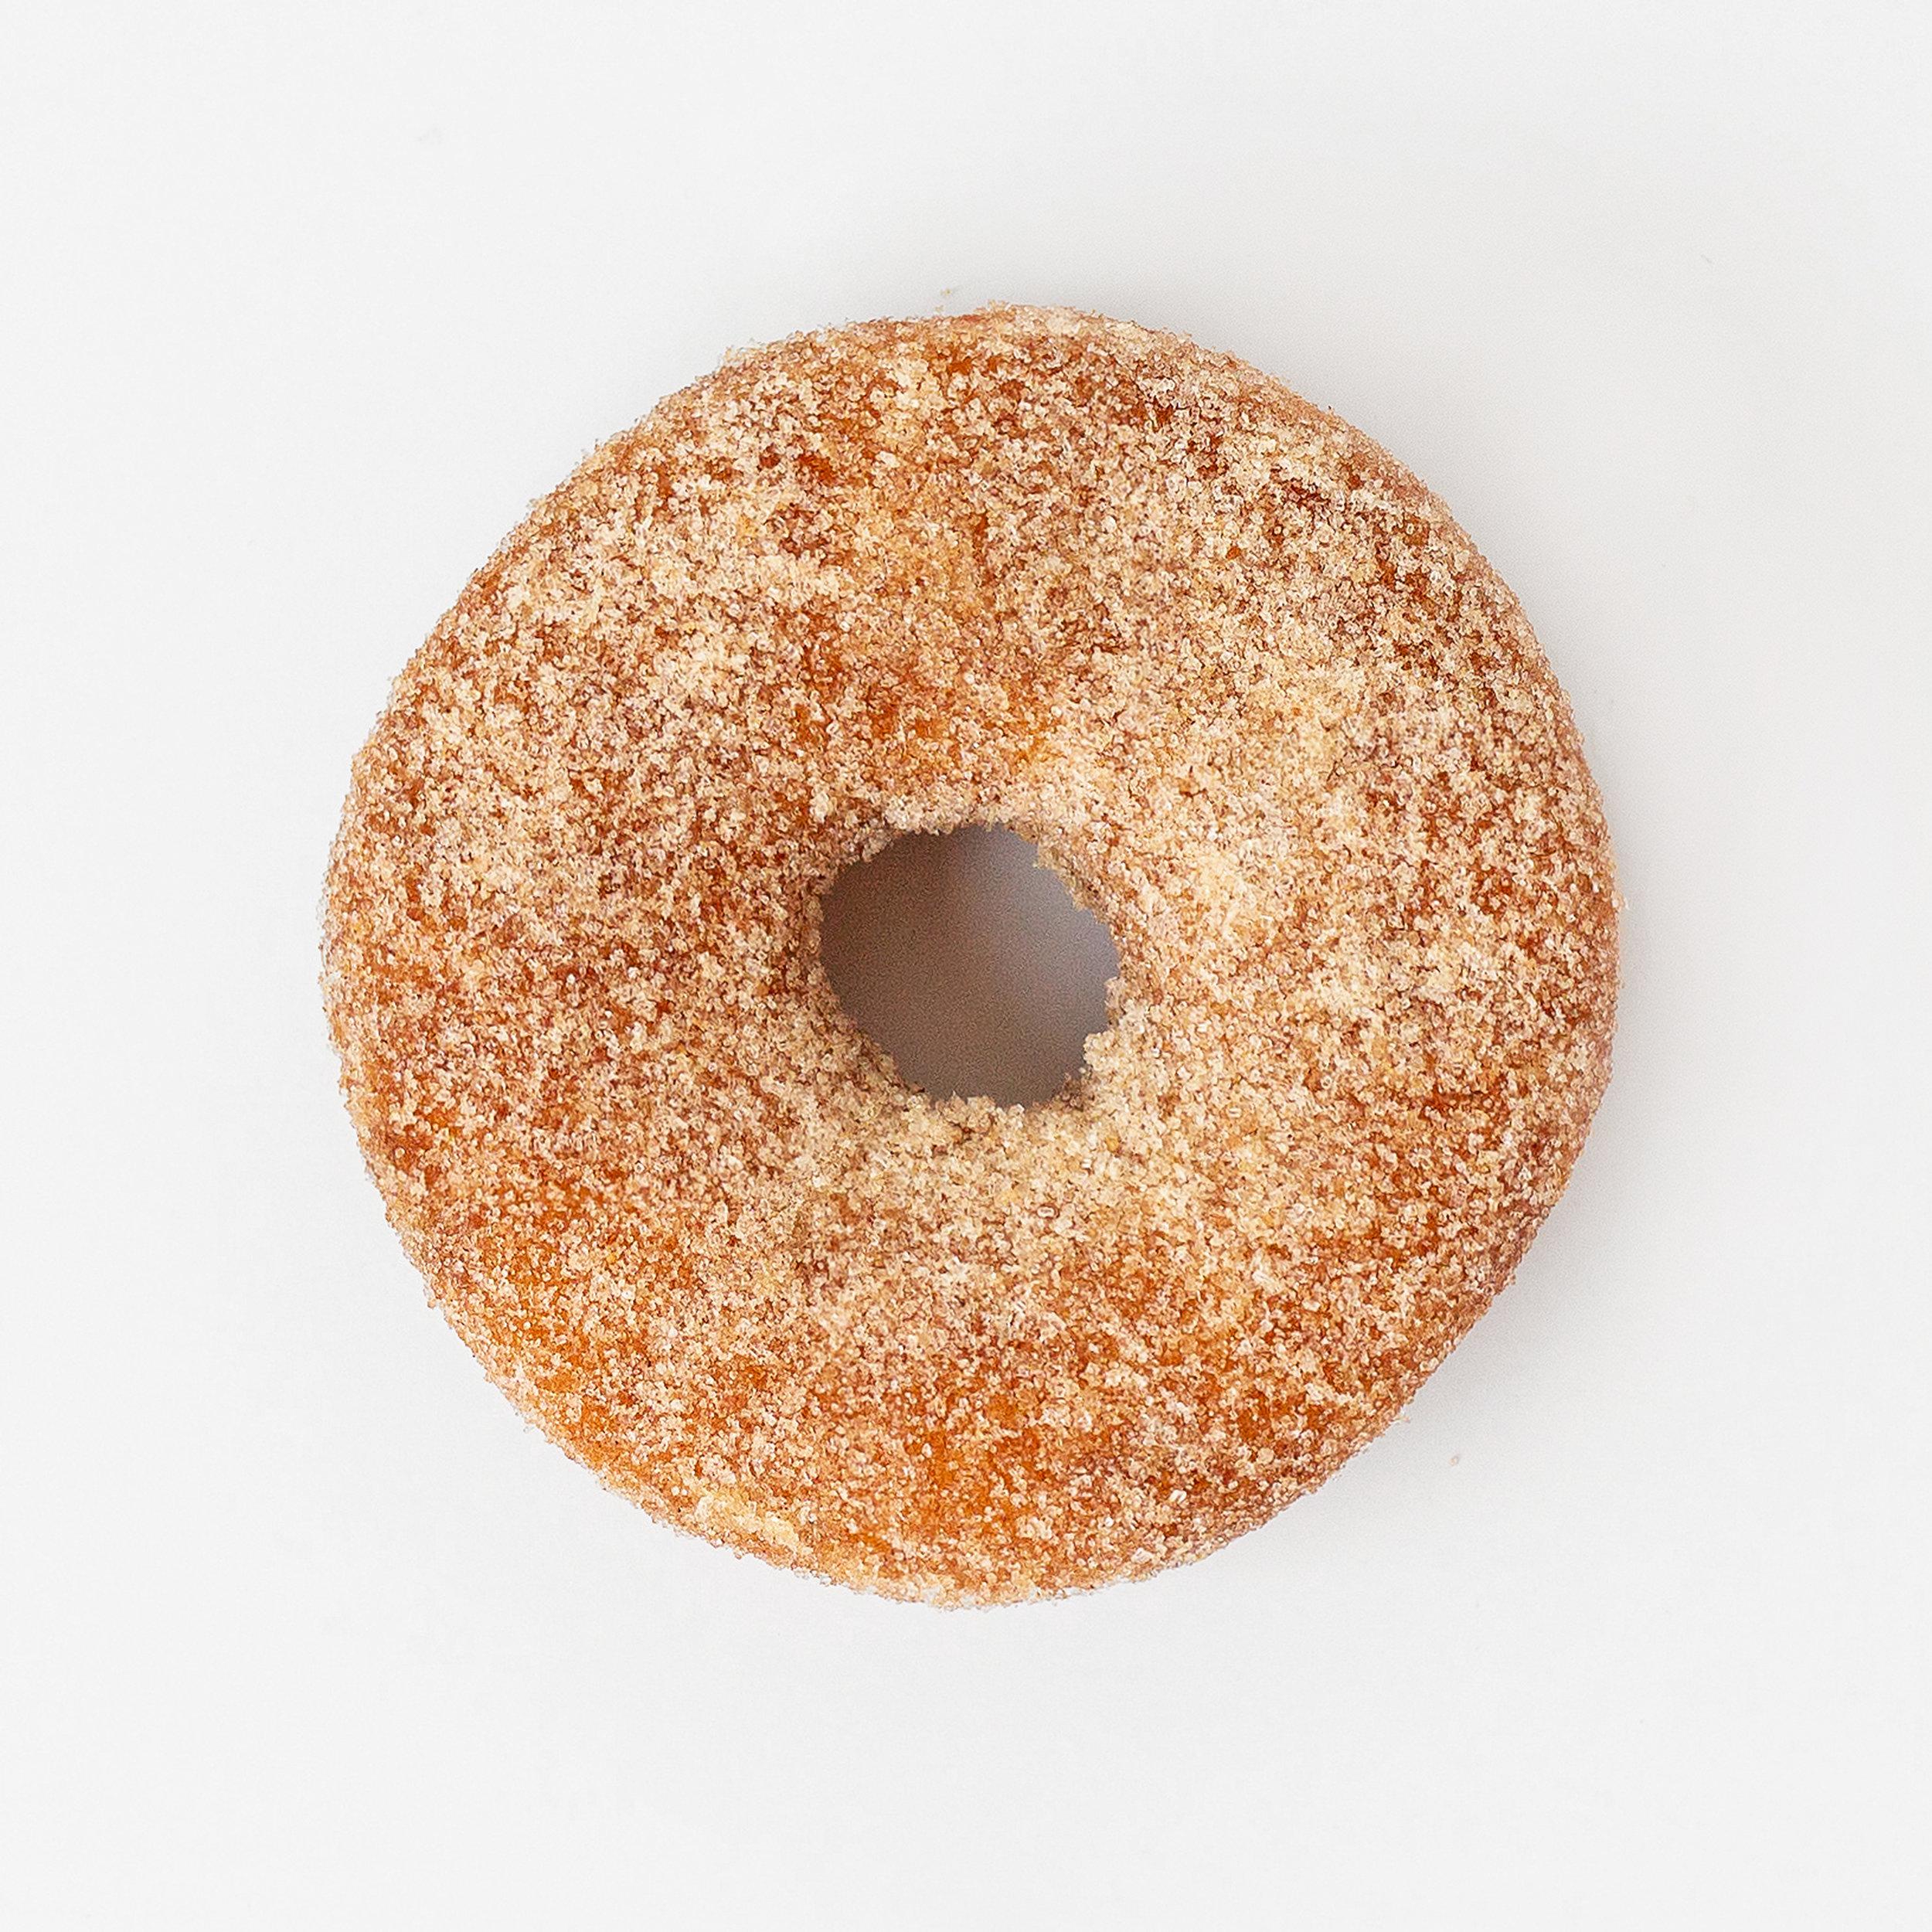 CINNAMON sugar -